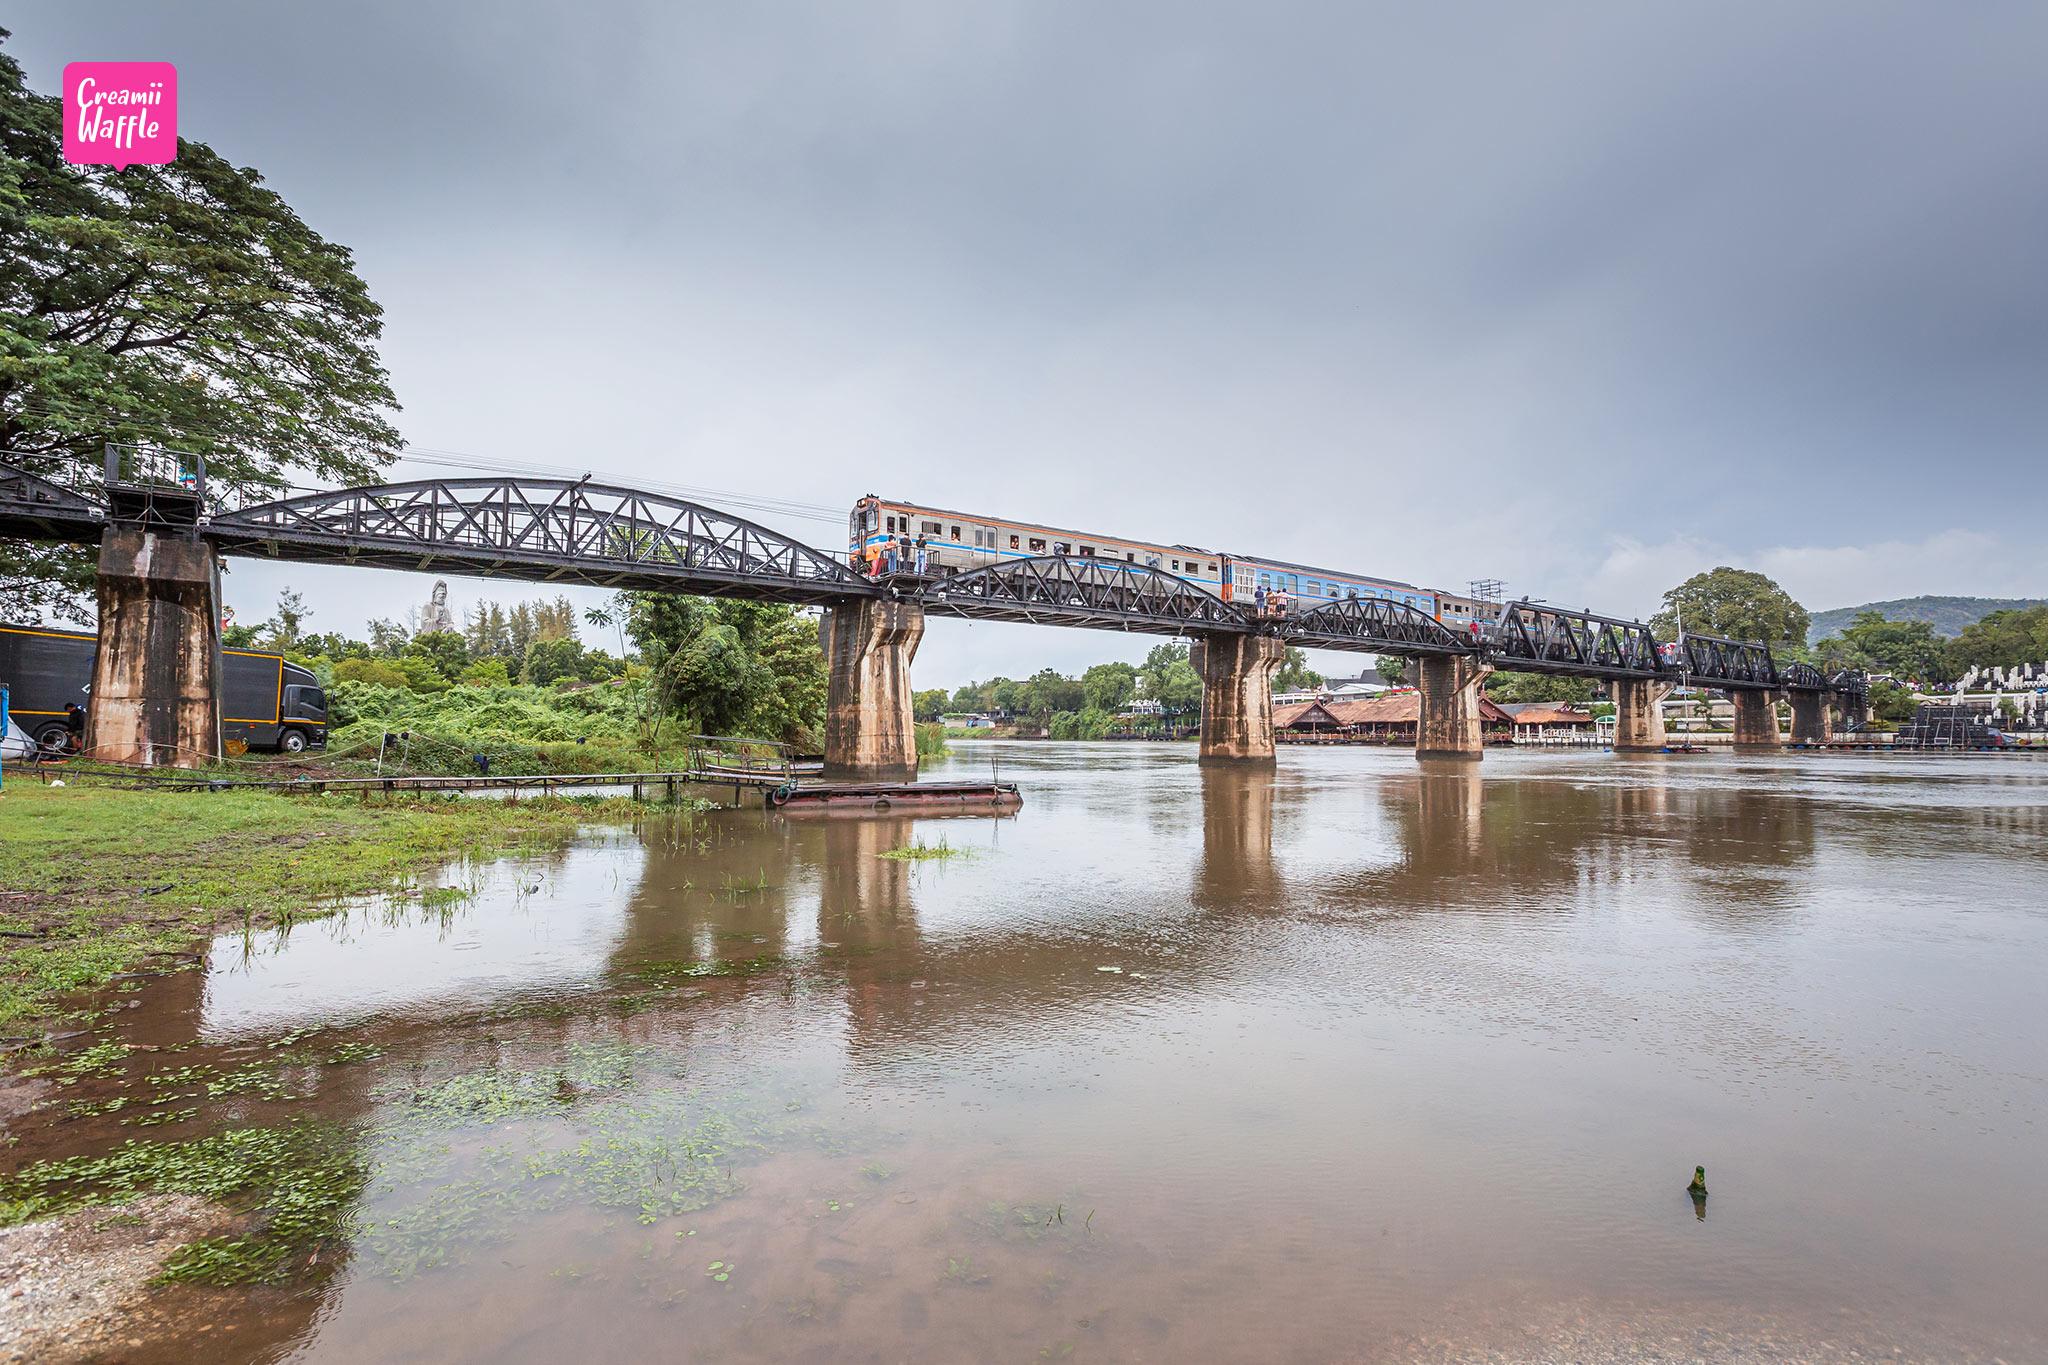 สะพานข้ามแม่น้ำแคว ที่เที่ยวกาญจนบุรี รีวิว